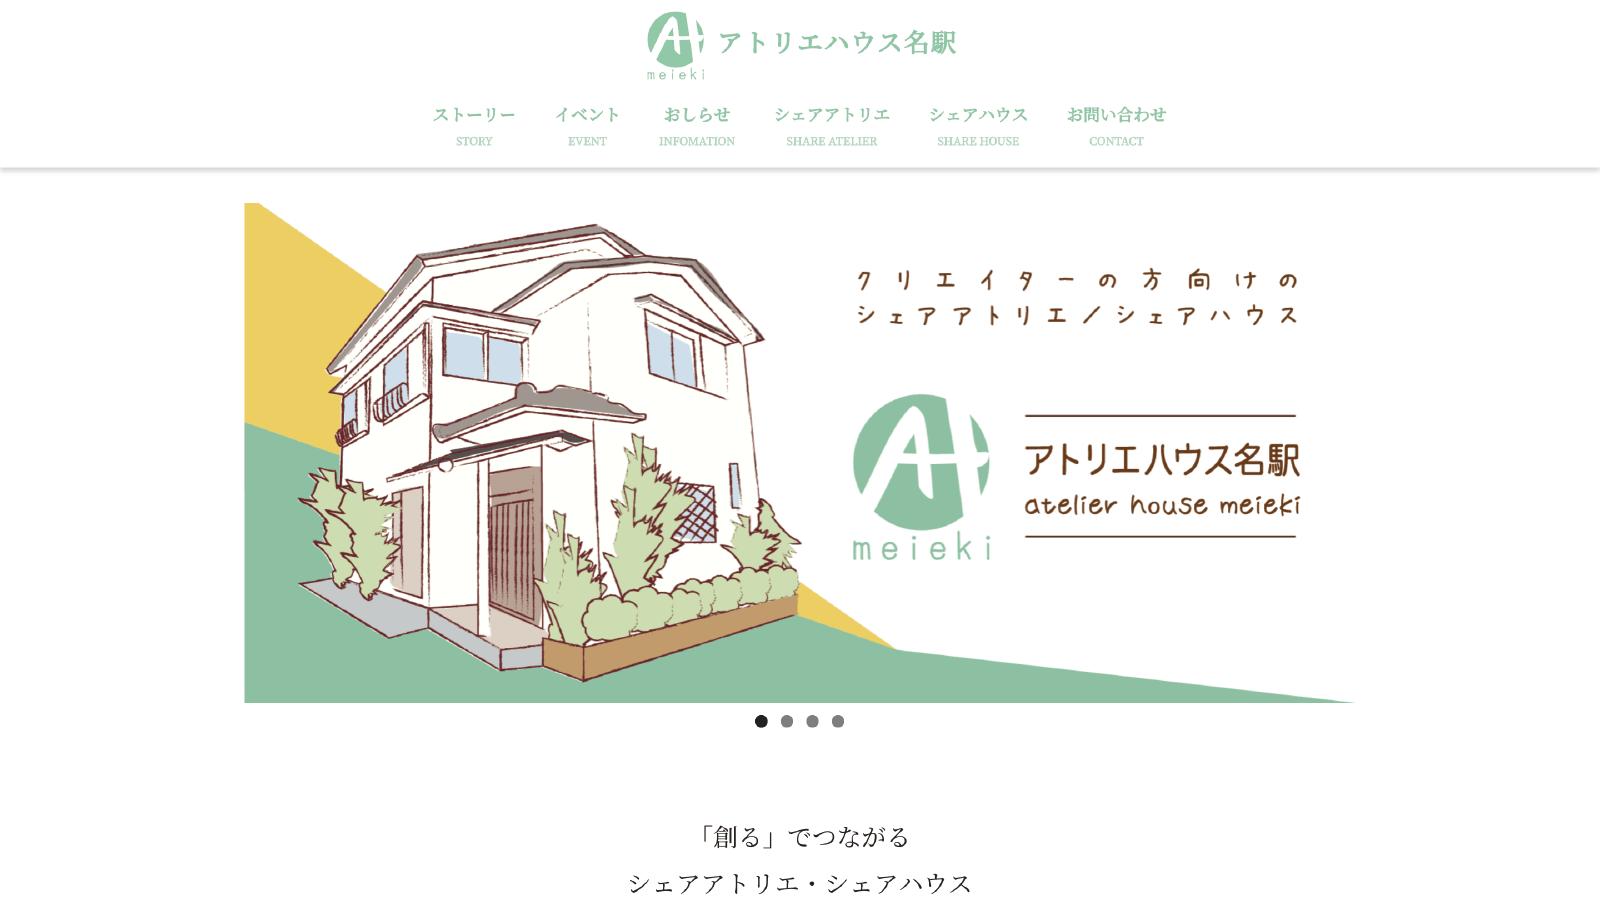 アトリエハウス名駅 さま WEBサイト